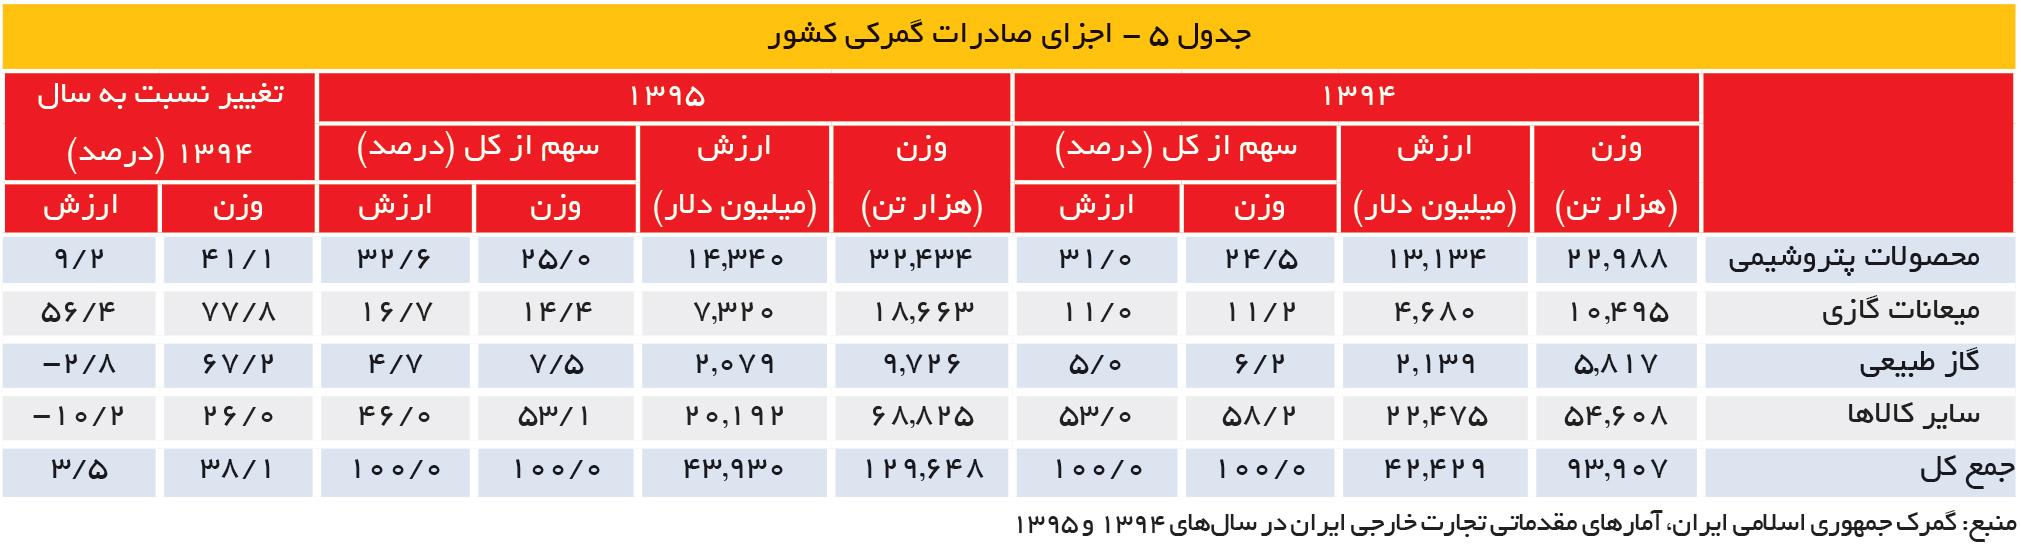 تجارت- فردا- جدول 5 - اجزای صادرات گمرکی کشور